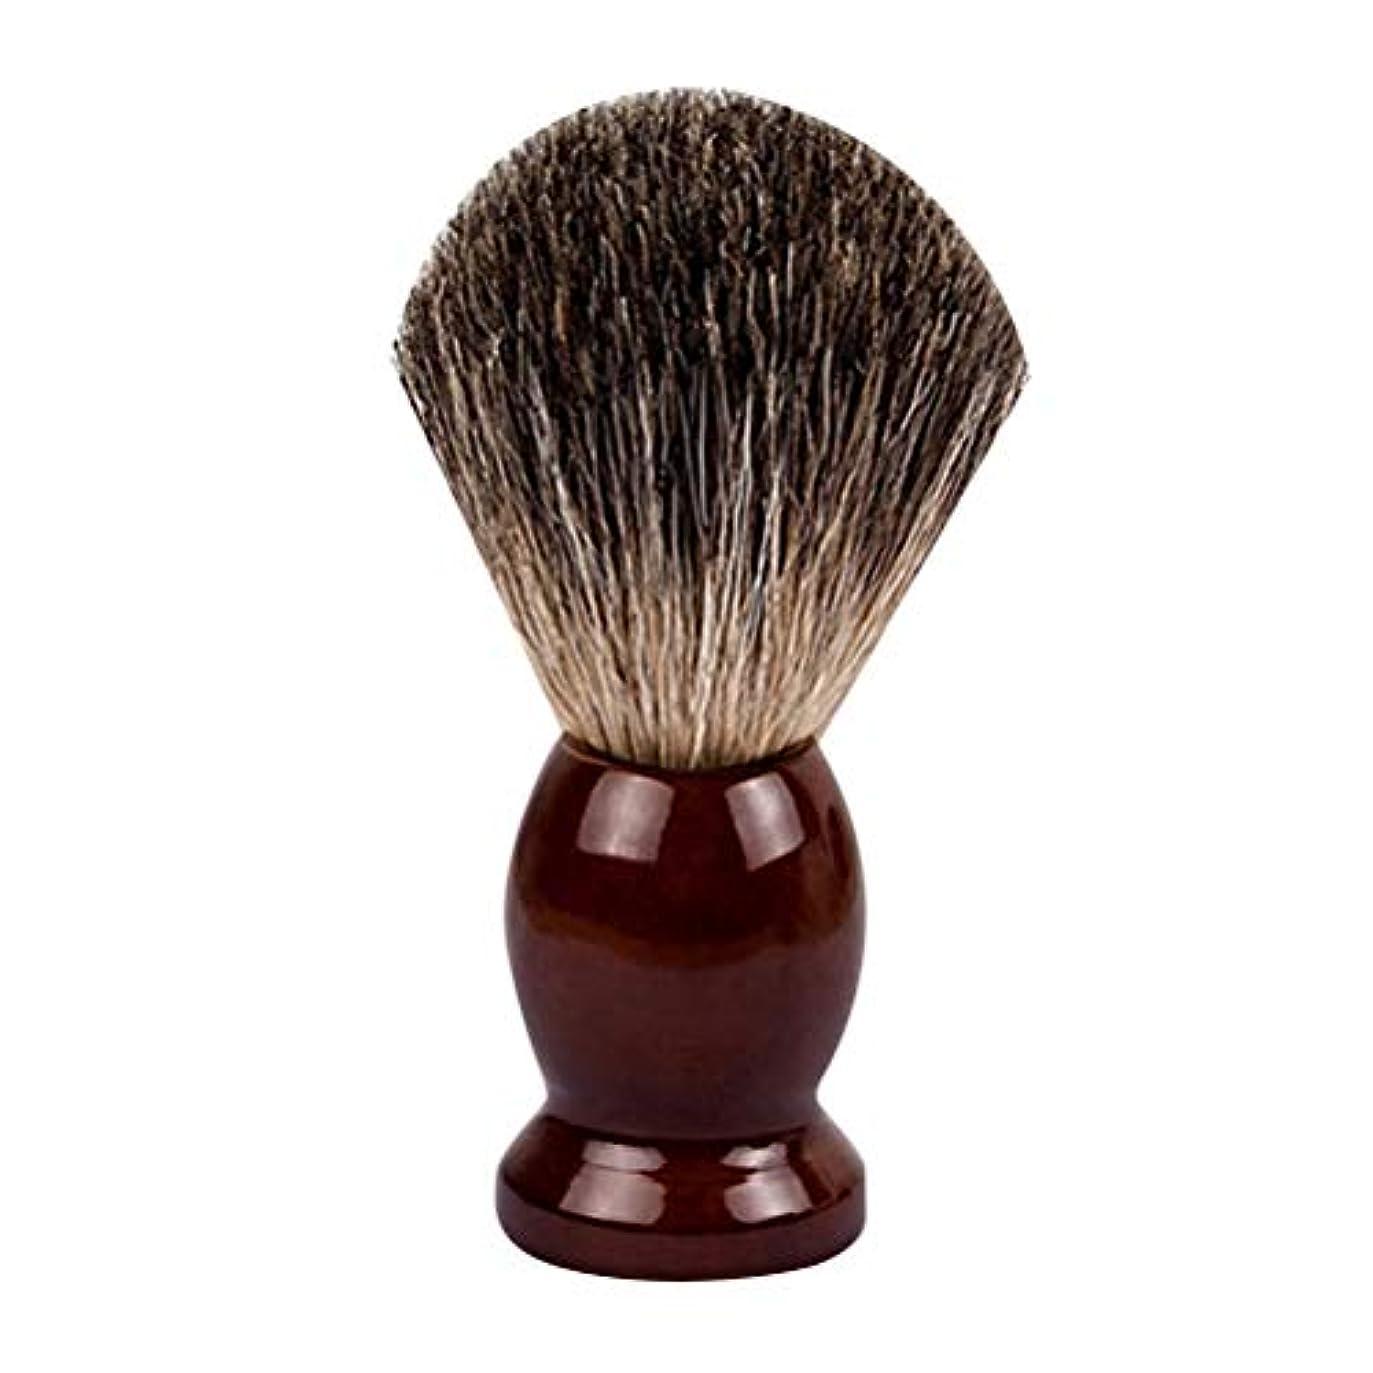 寄生虫中央腰Lurrose ひげ ブラシ シェービング ブラシ ウッドハンドル ヘア サロンツール 男性用